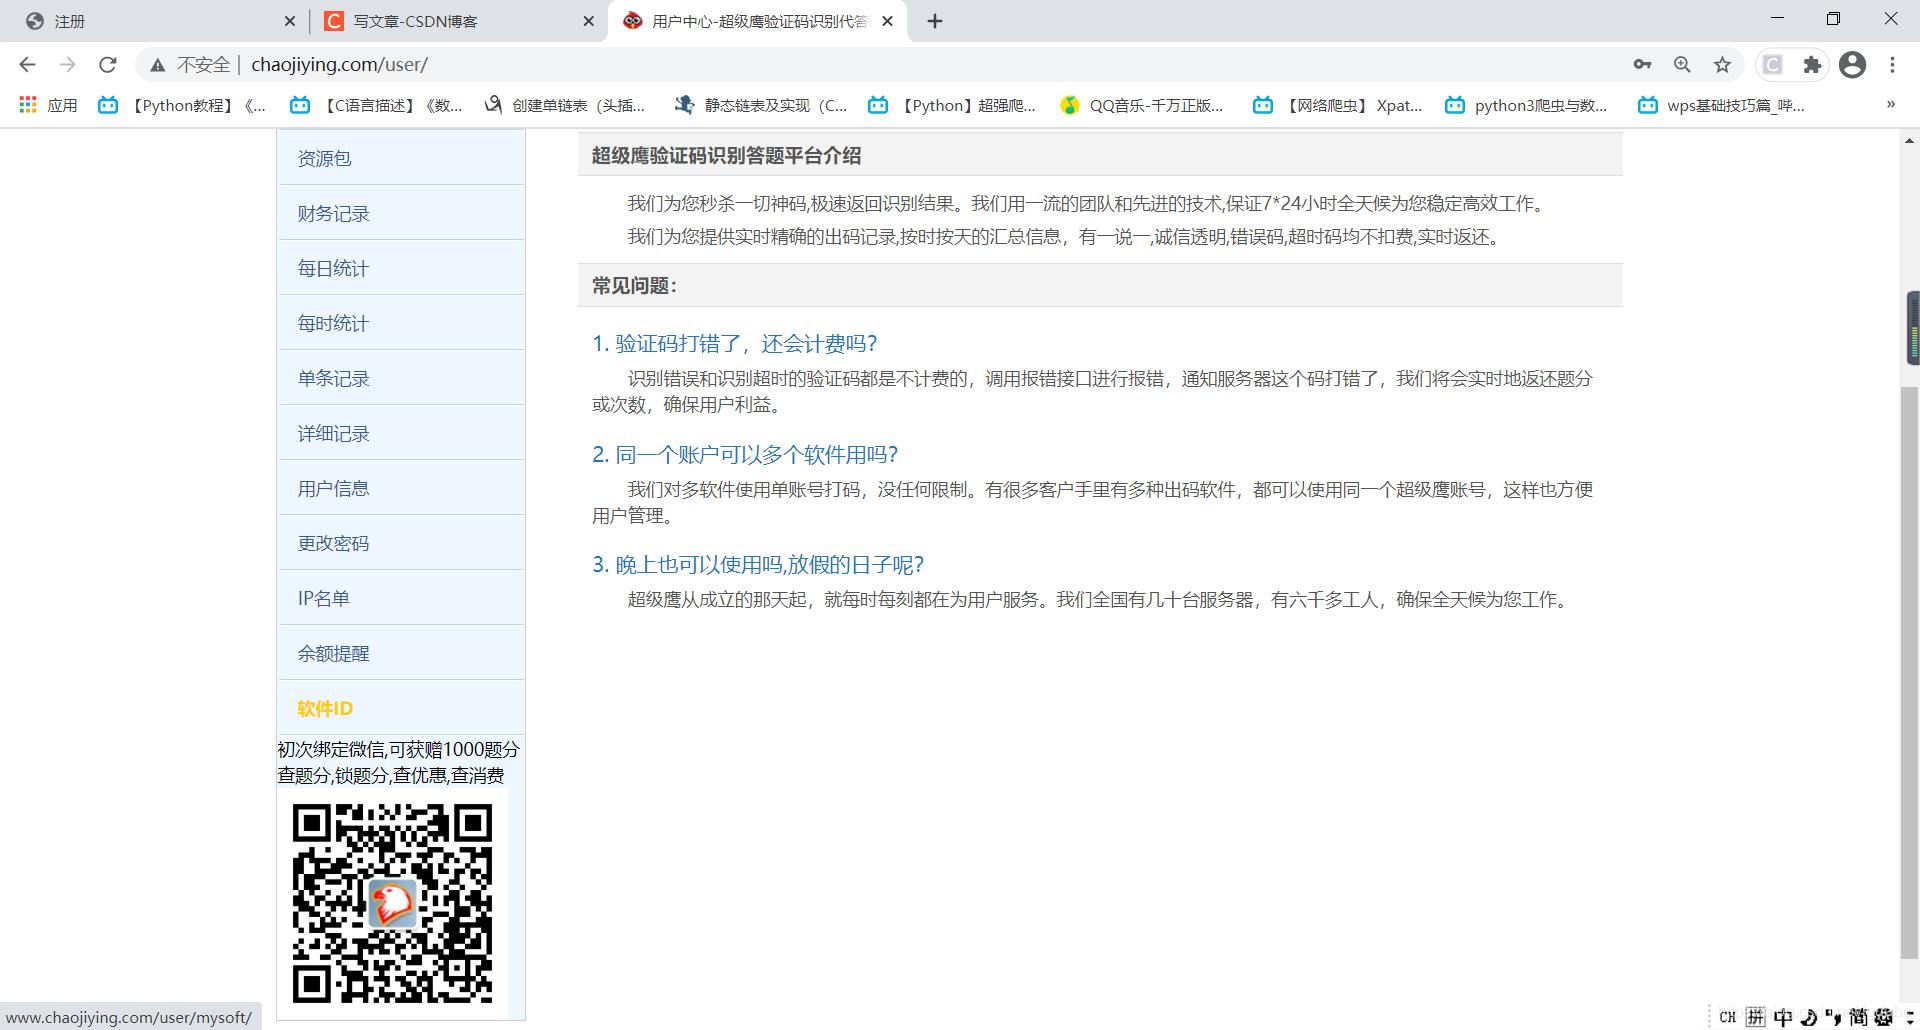 网络爬虫实现发送短信验证码